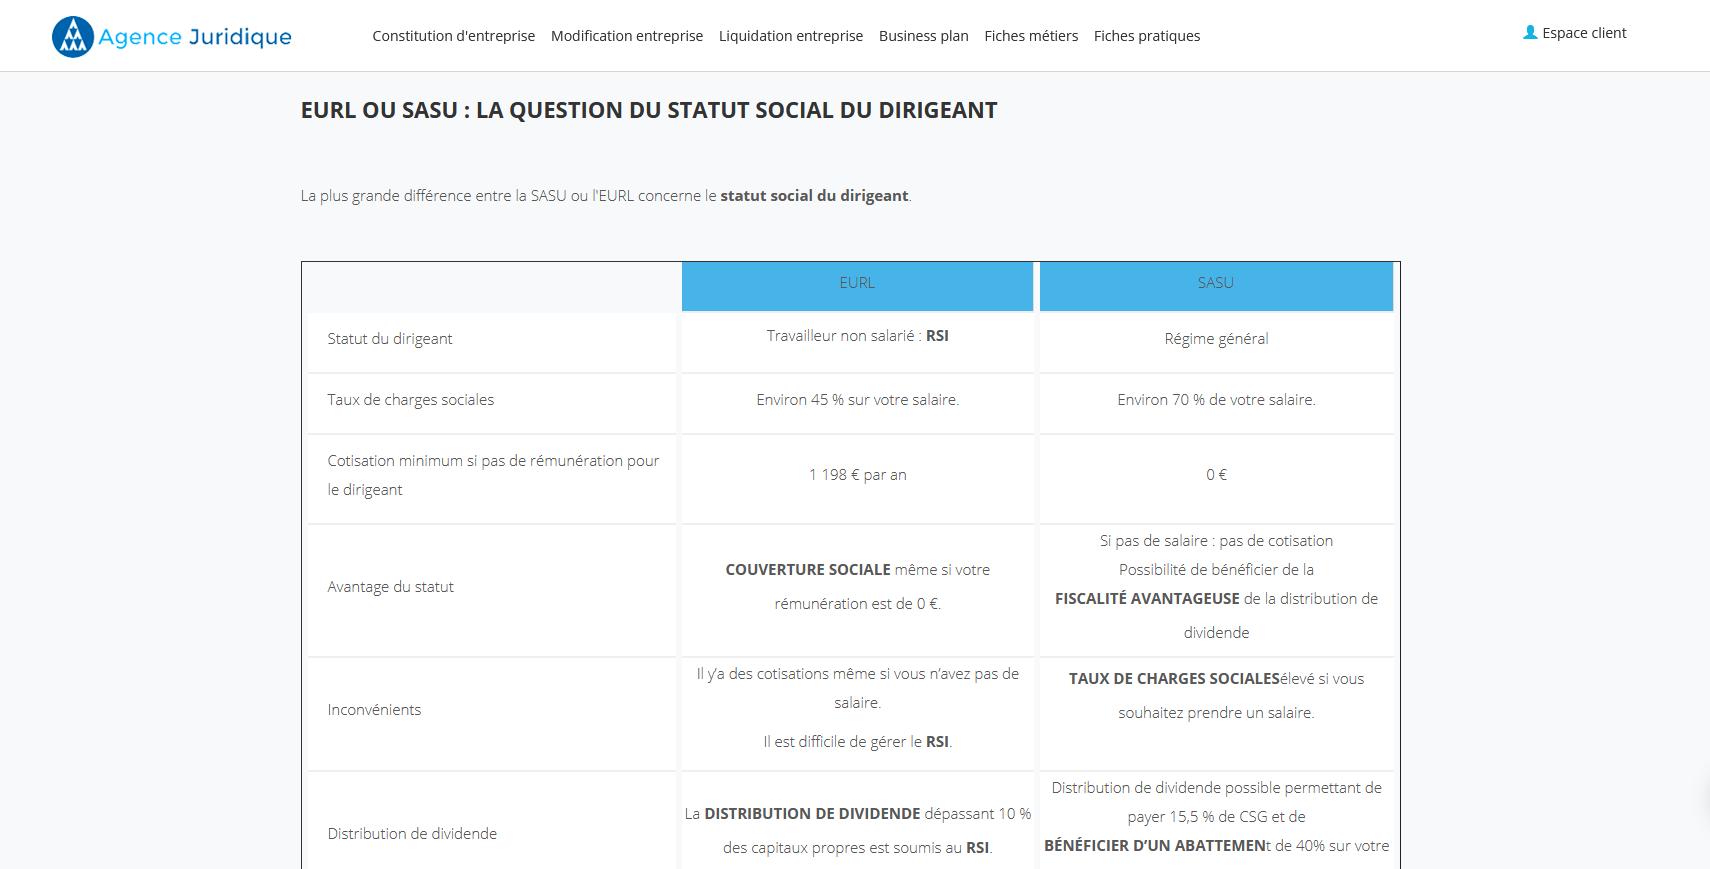 SASU ou EURL agence juridique